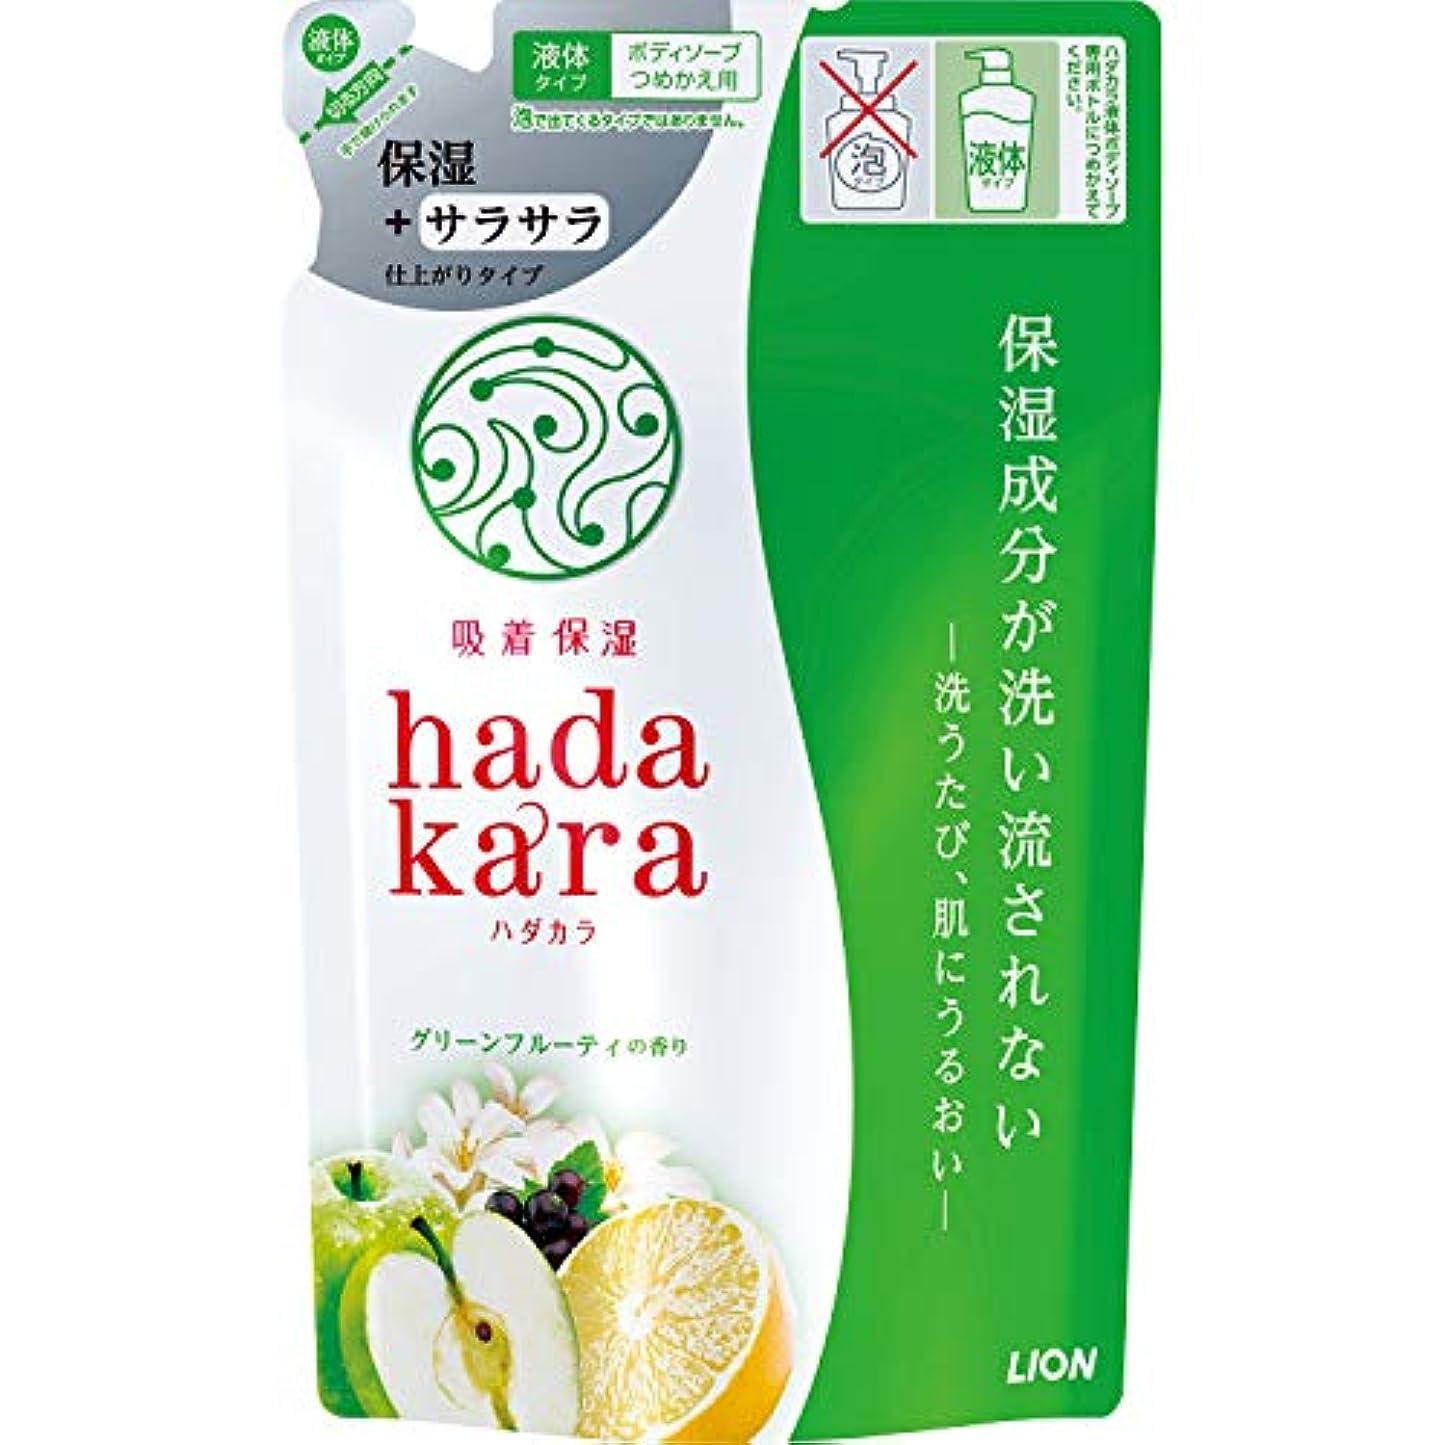 不屈ボーダー人質hadakara(ハダカラ) ボディソープ 保湿+サラサラ仕上がりタイプ グリーンフルーティの香り 詰め替え 340ml